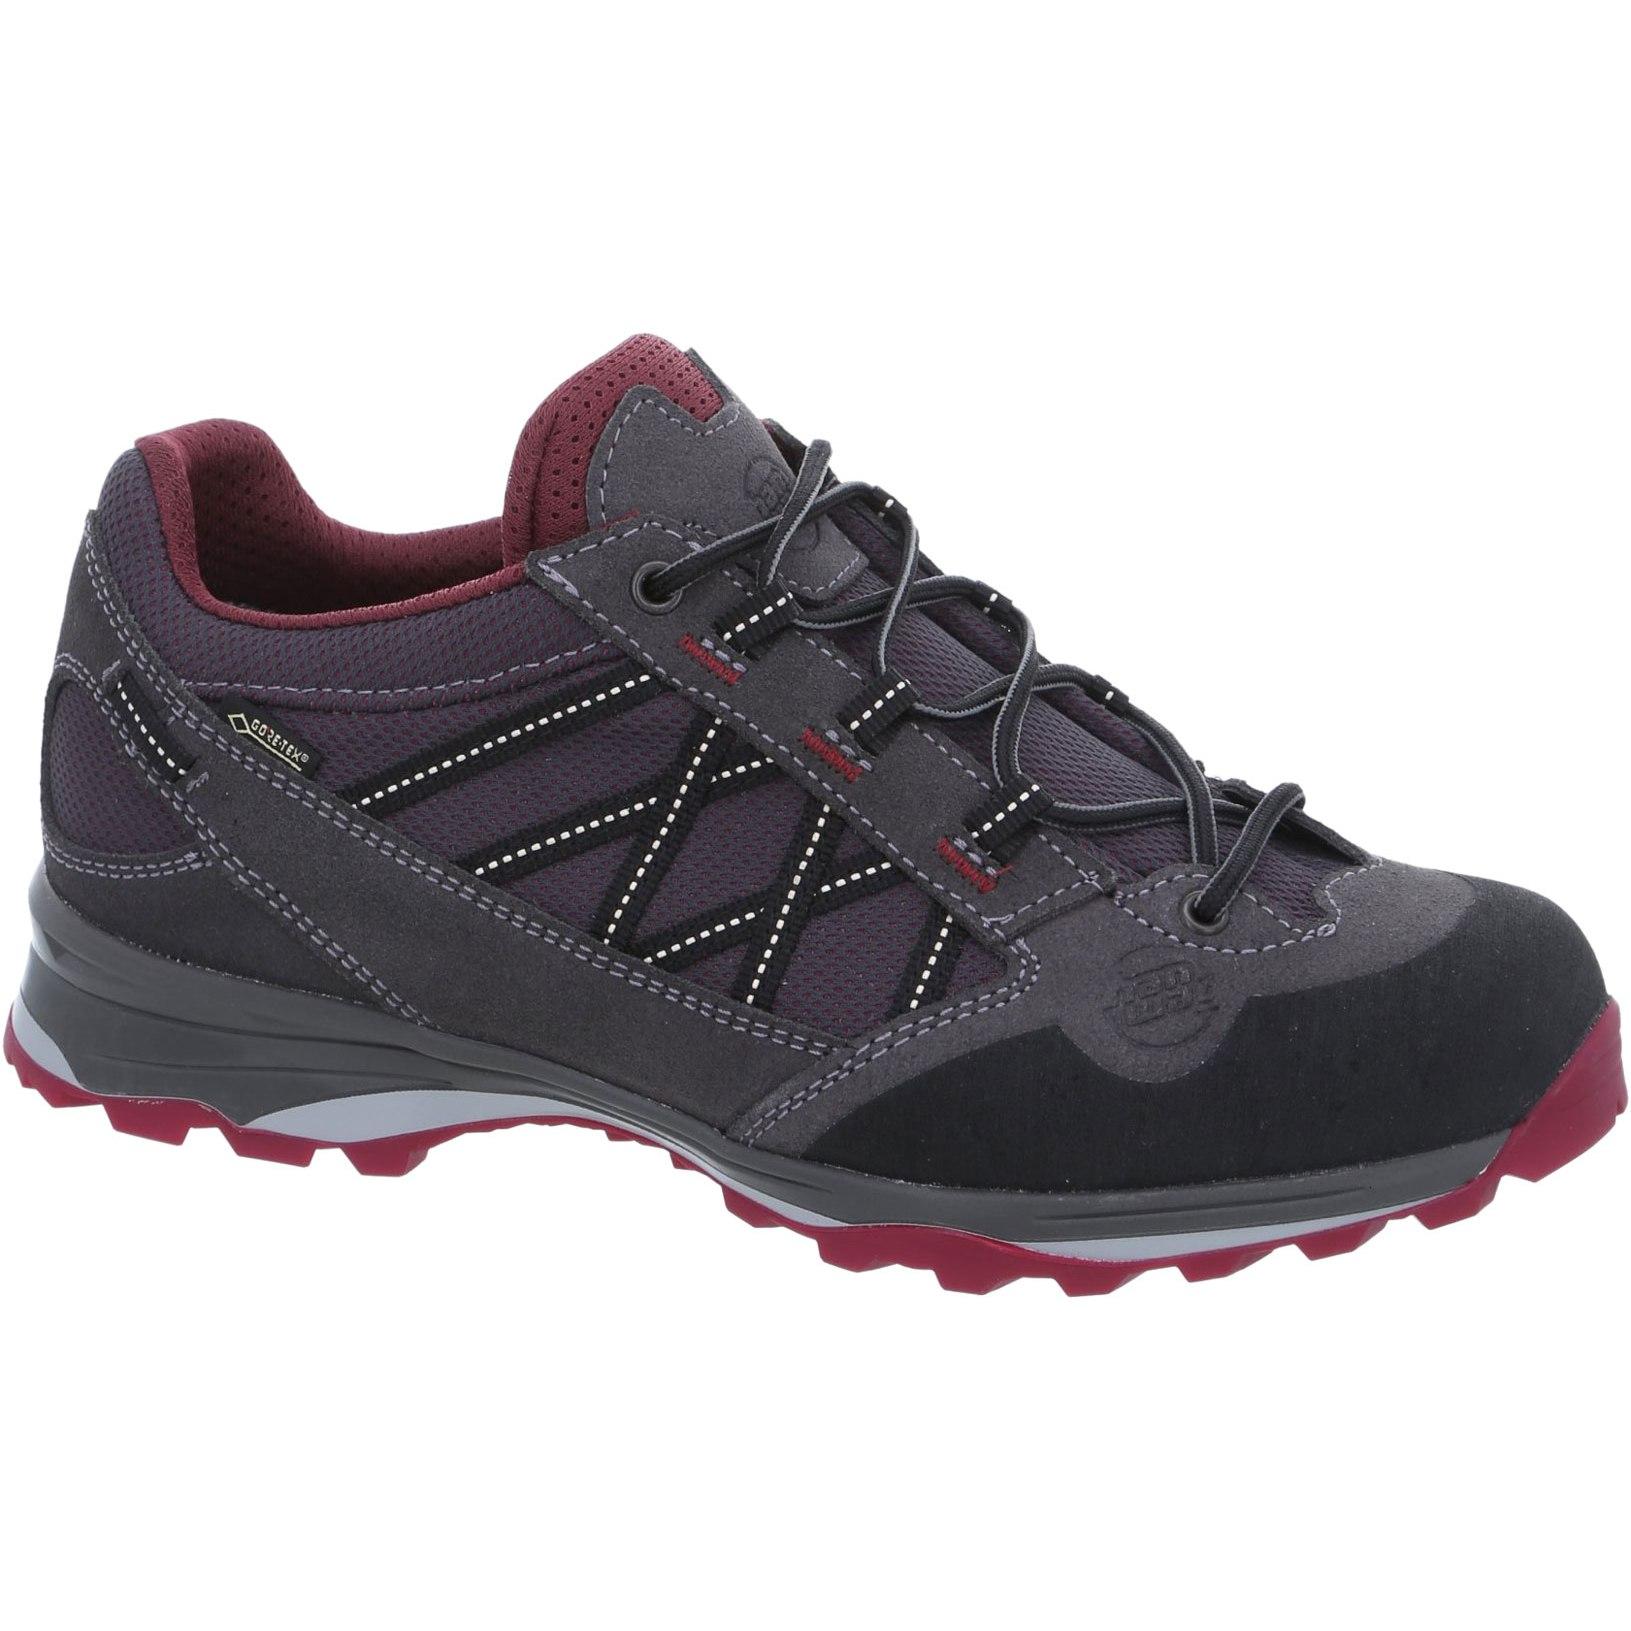 Hanwag Belorado II Low Lady GTX Shoe - Asphalt/Dark Garnet